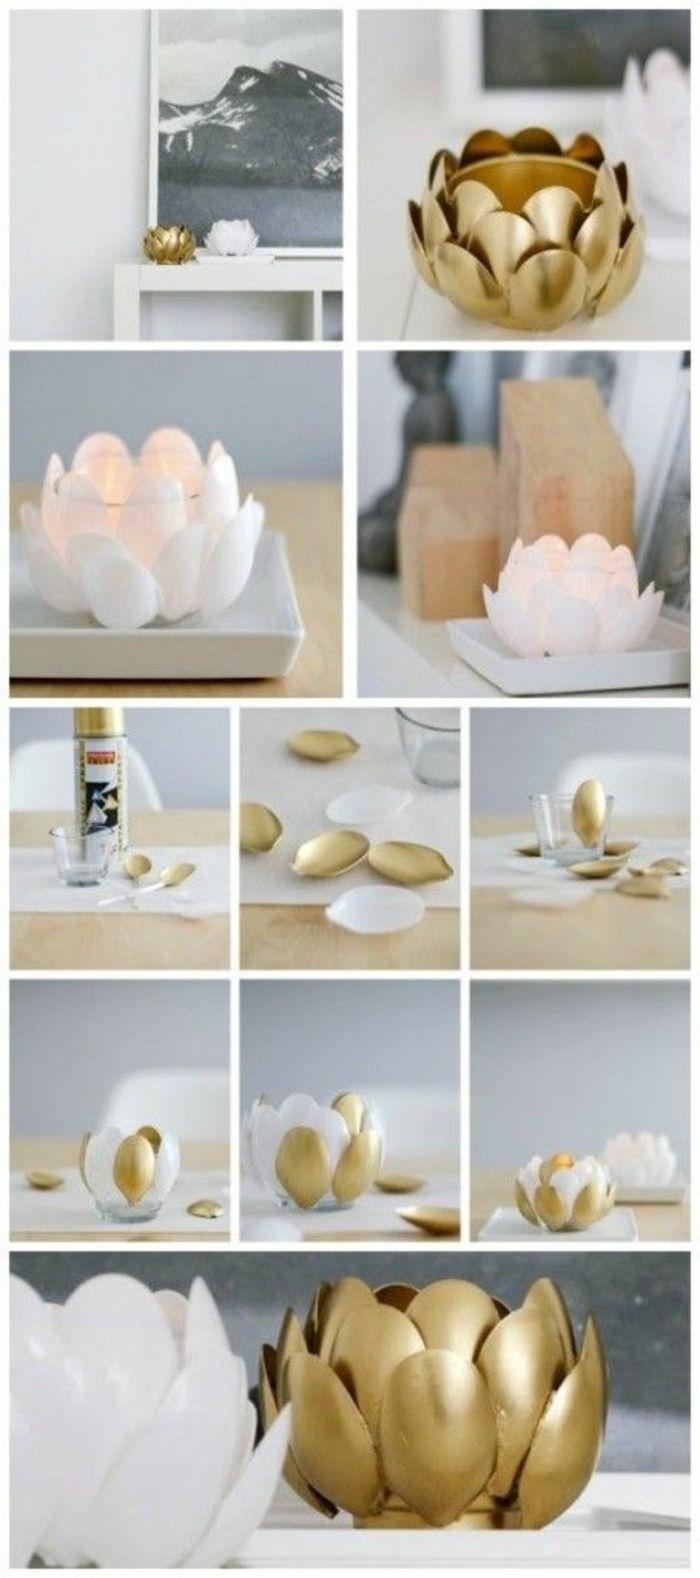 basteln fr C3 BChling plastikl C3 B6ffel kerzenhalter selber machen tischdeko bild weißer tisch